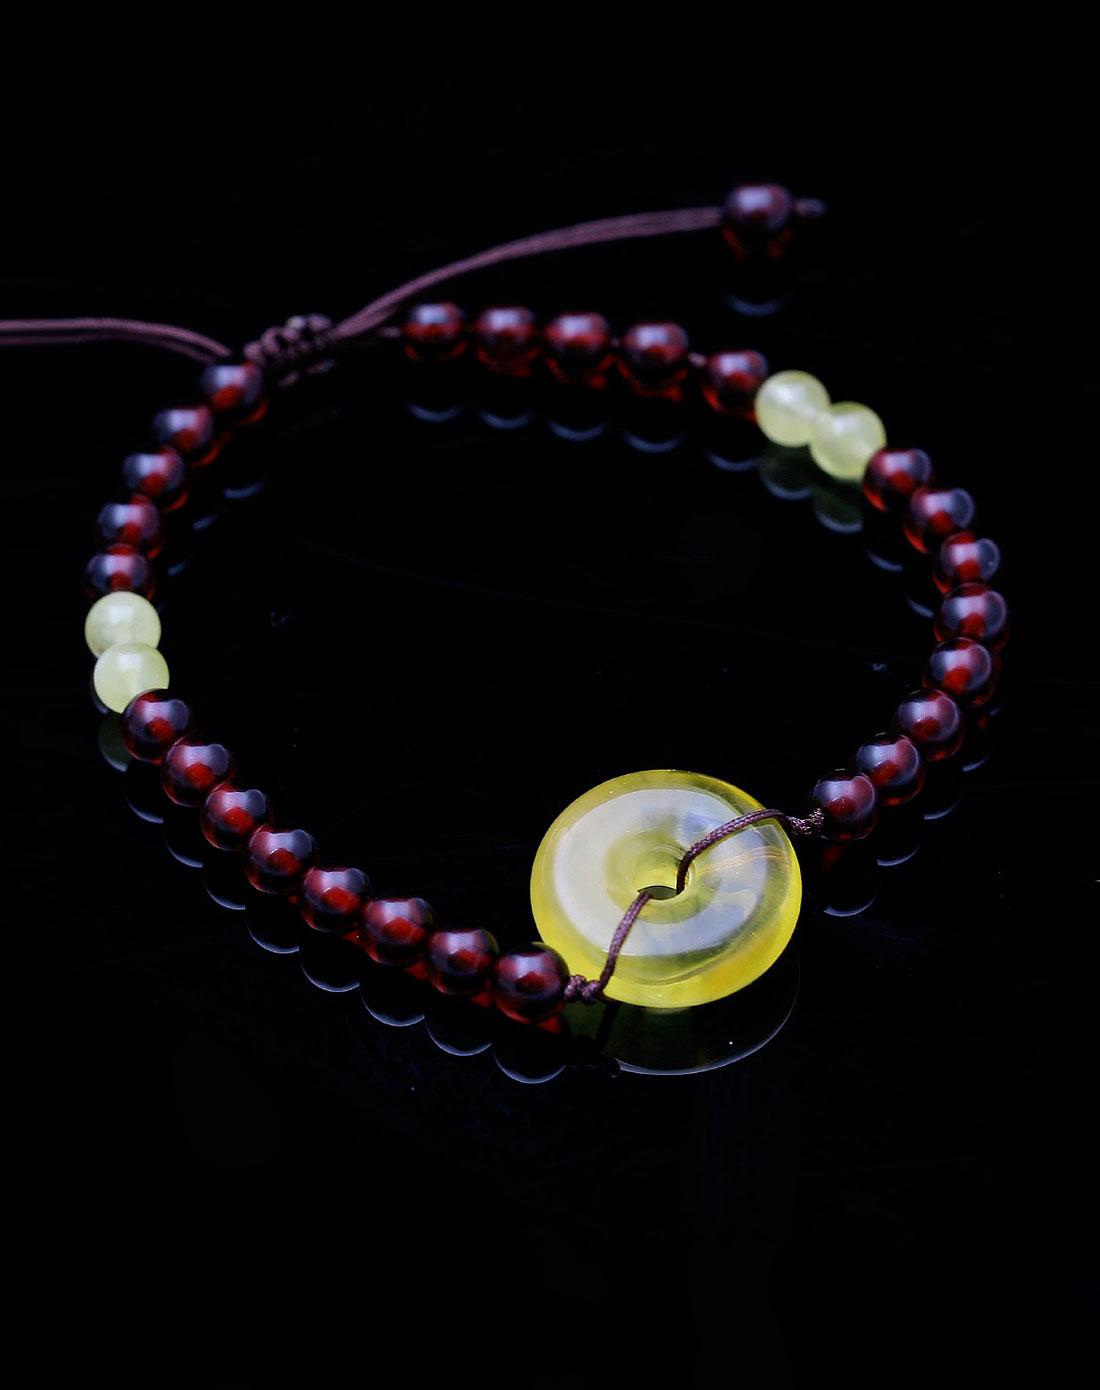 新年祈福平安扣血珀珍珠蜜手链